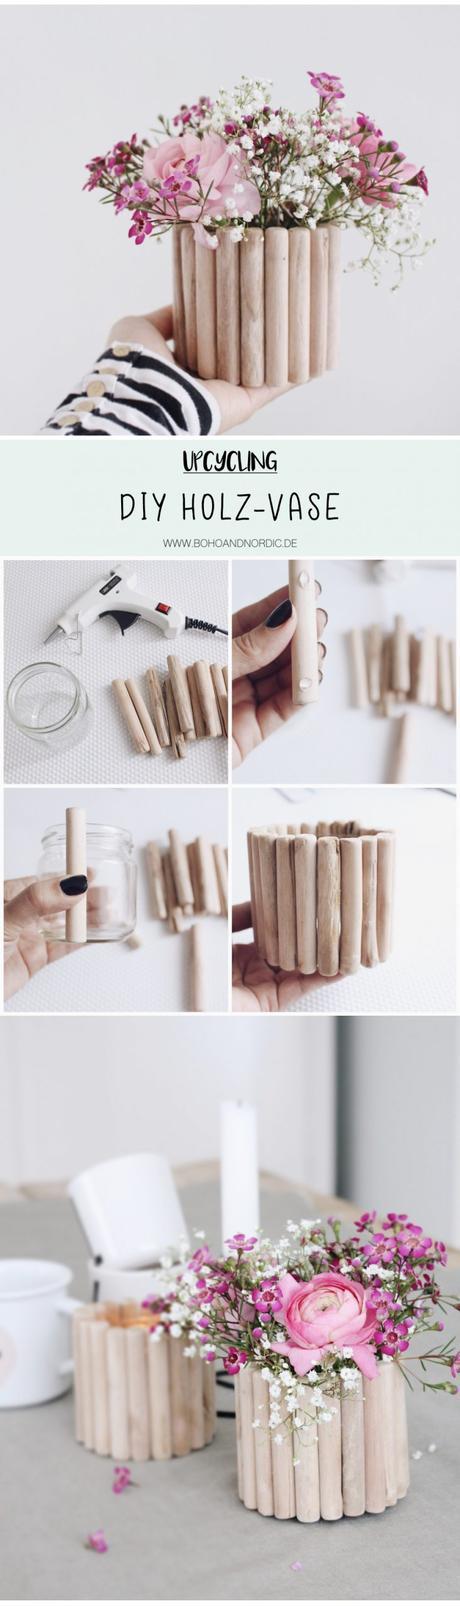 3 manualidades con palitos de madera - Maceta con palitos de madera - Paso a paso -Laucreativa